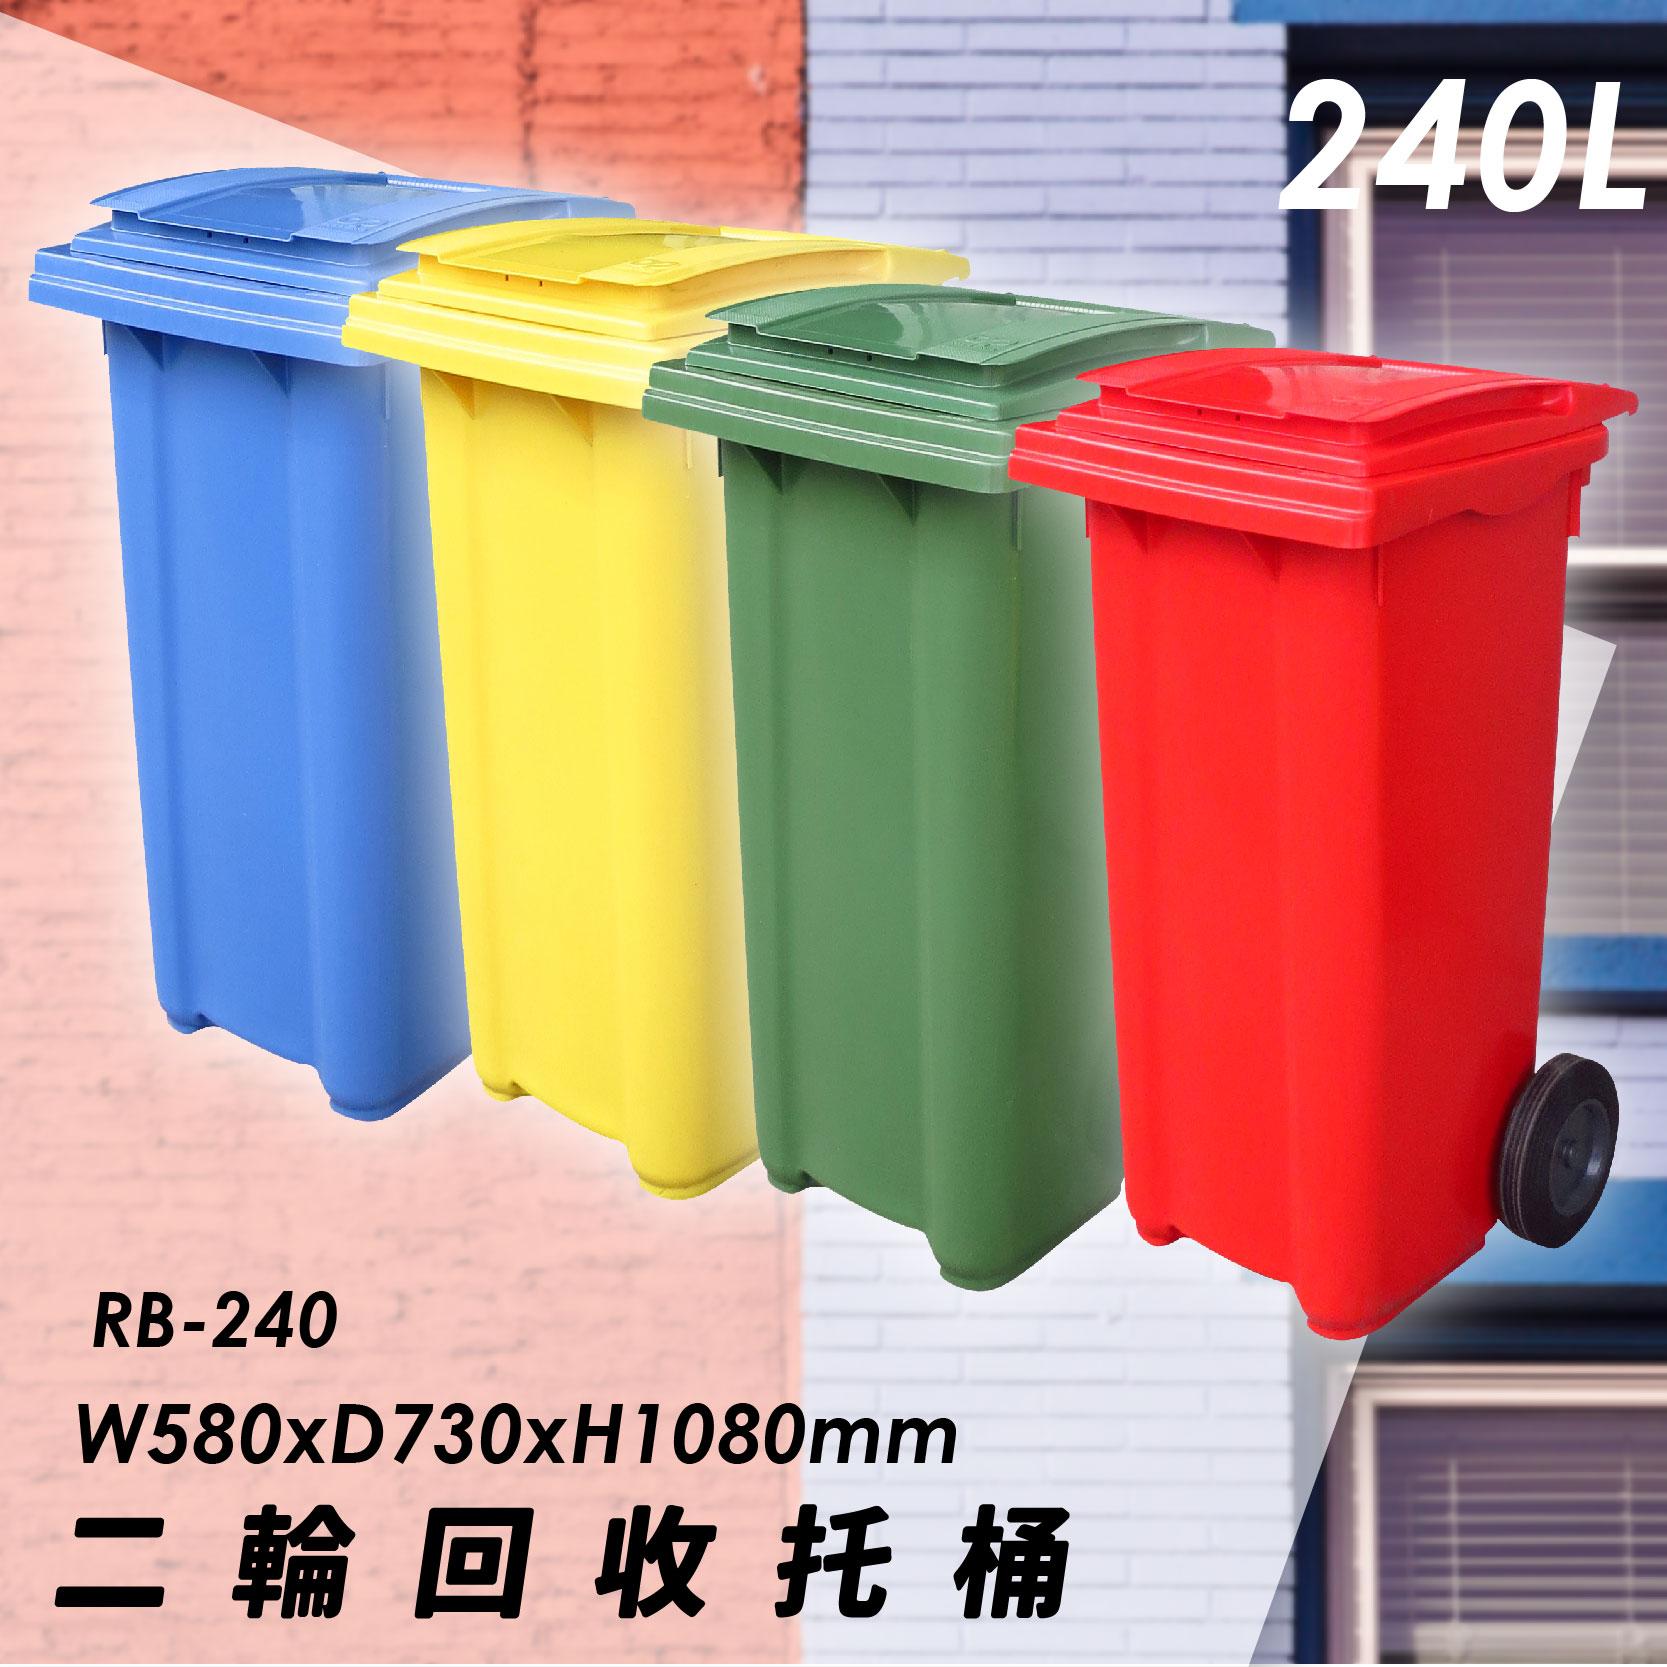 RB-240 二輪回收托桶(240公升) 垃圾子車 環保子車 垃圾桶 垃圾車 公共設施 歐洲認證 清潔車 清運車